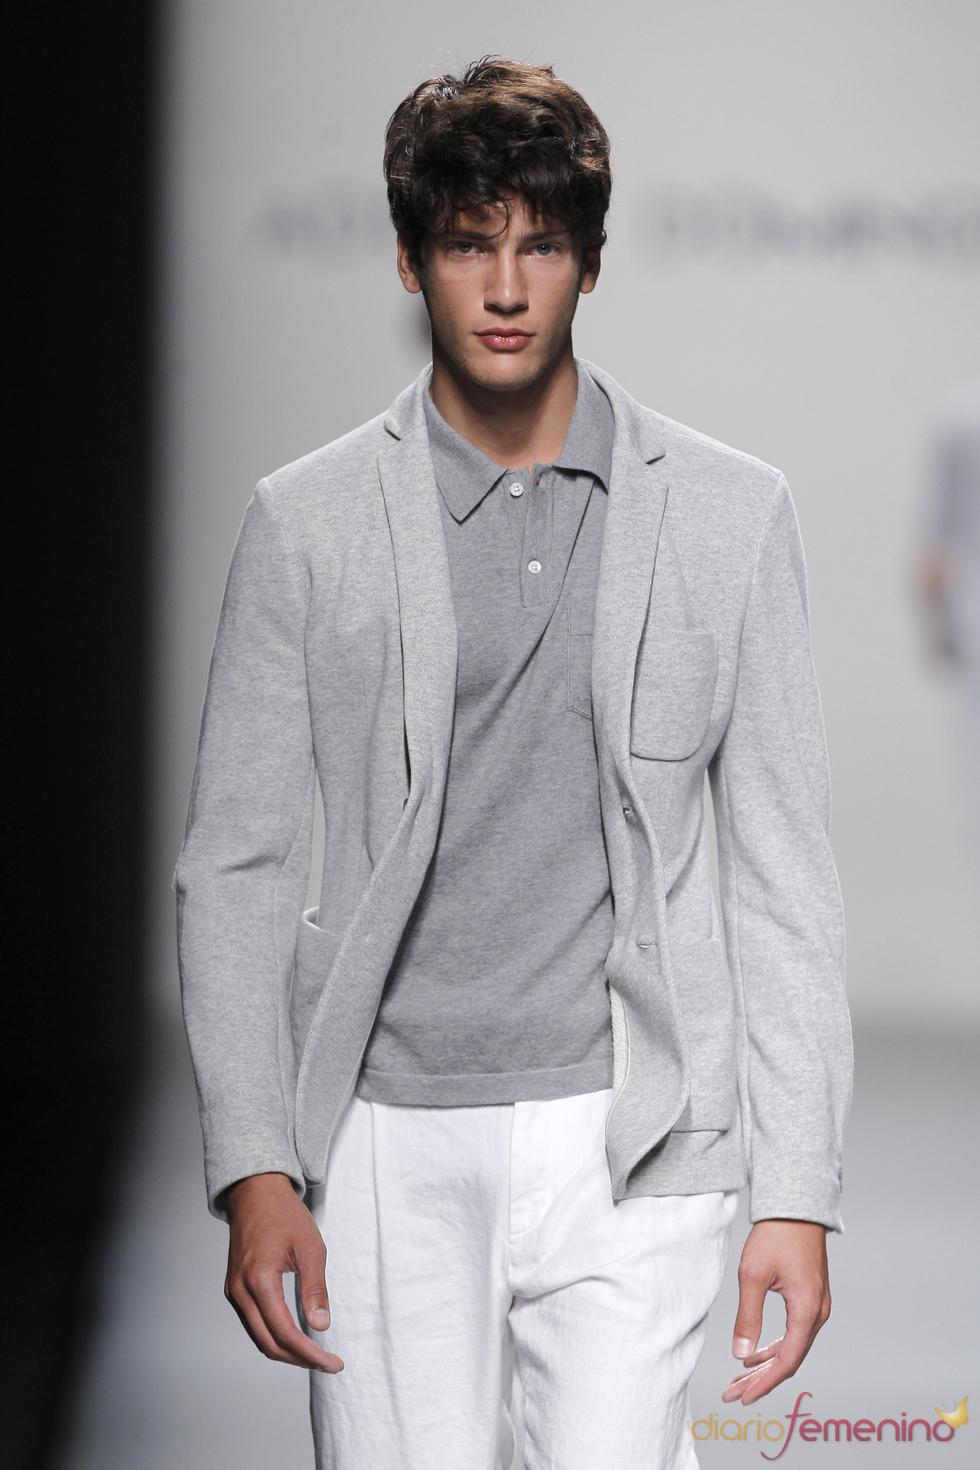 El hombre 'in' en la  primavera verano de 2011 según Adolfo Domínguez